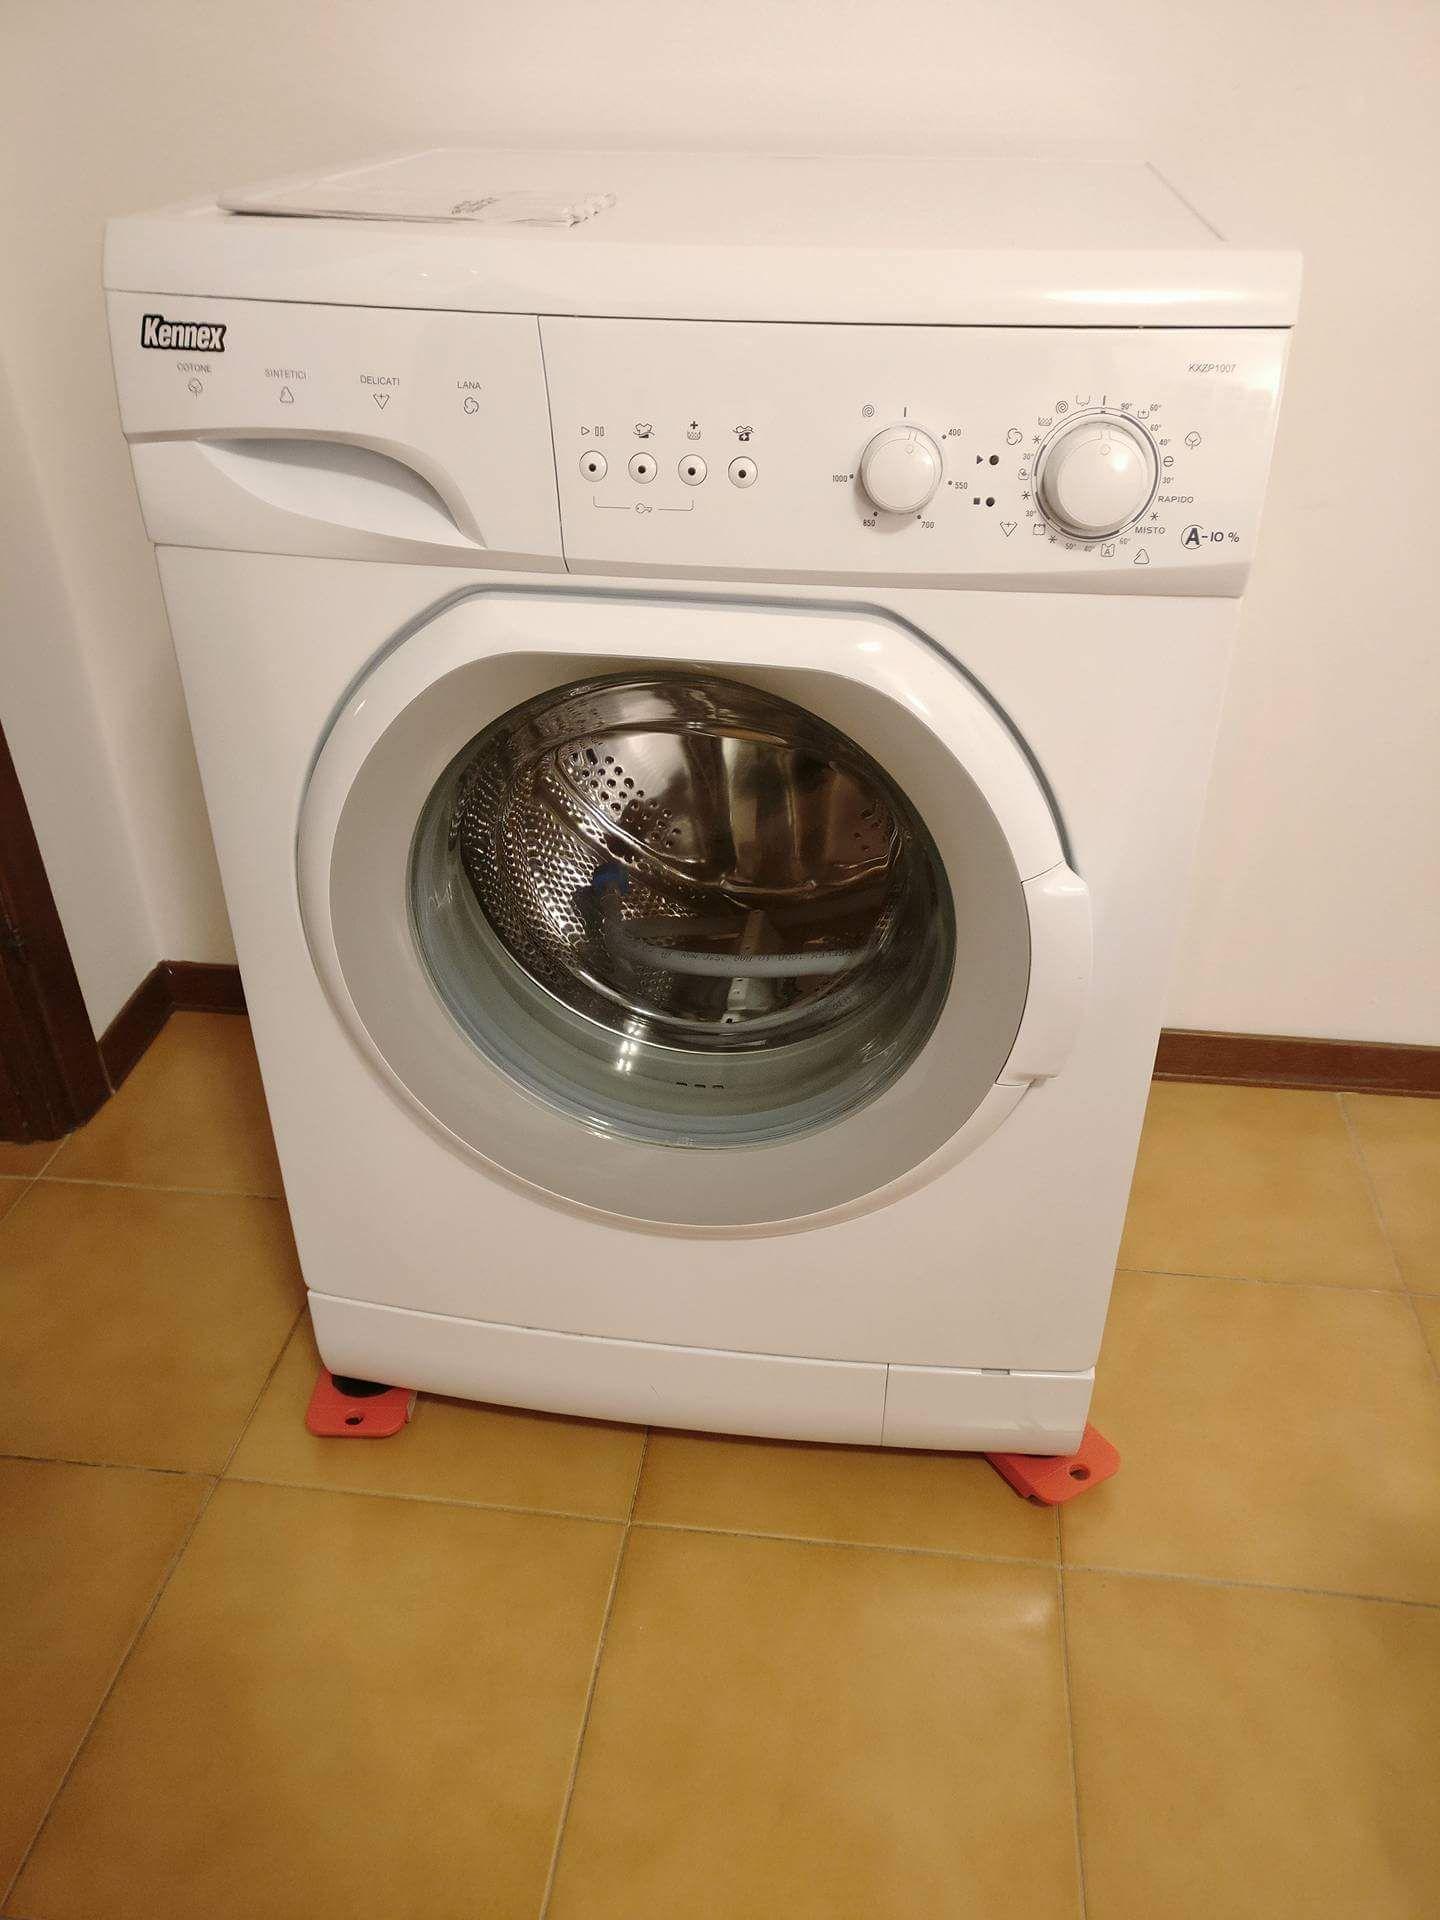 ?Migliore lavatrice Kennex offerte e classifica del 2020